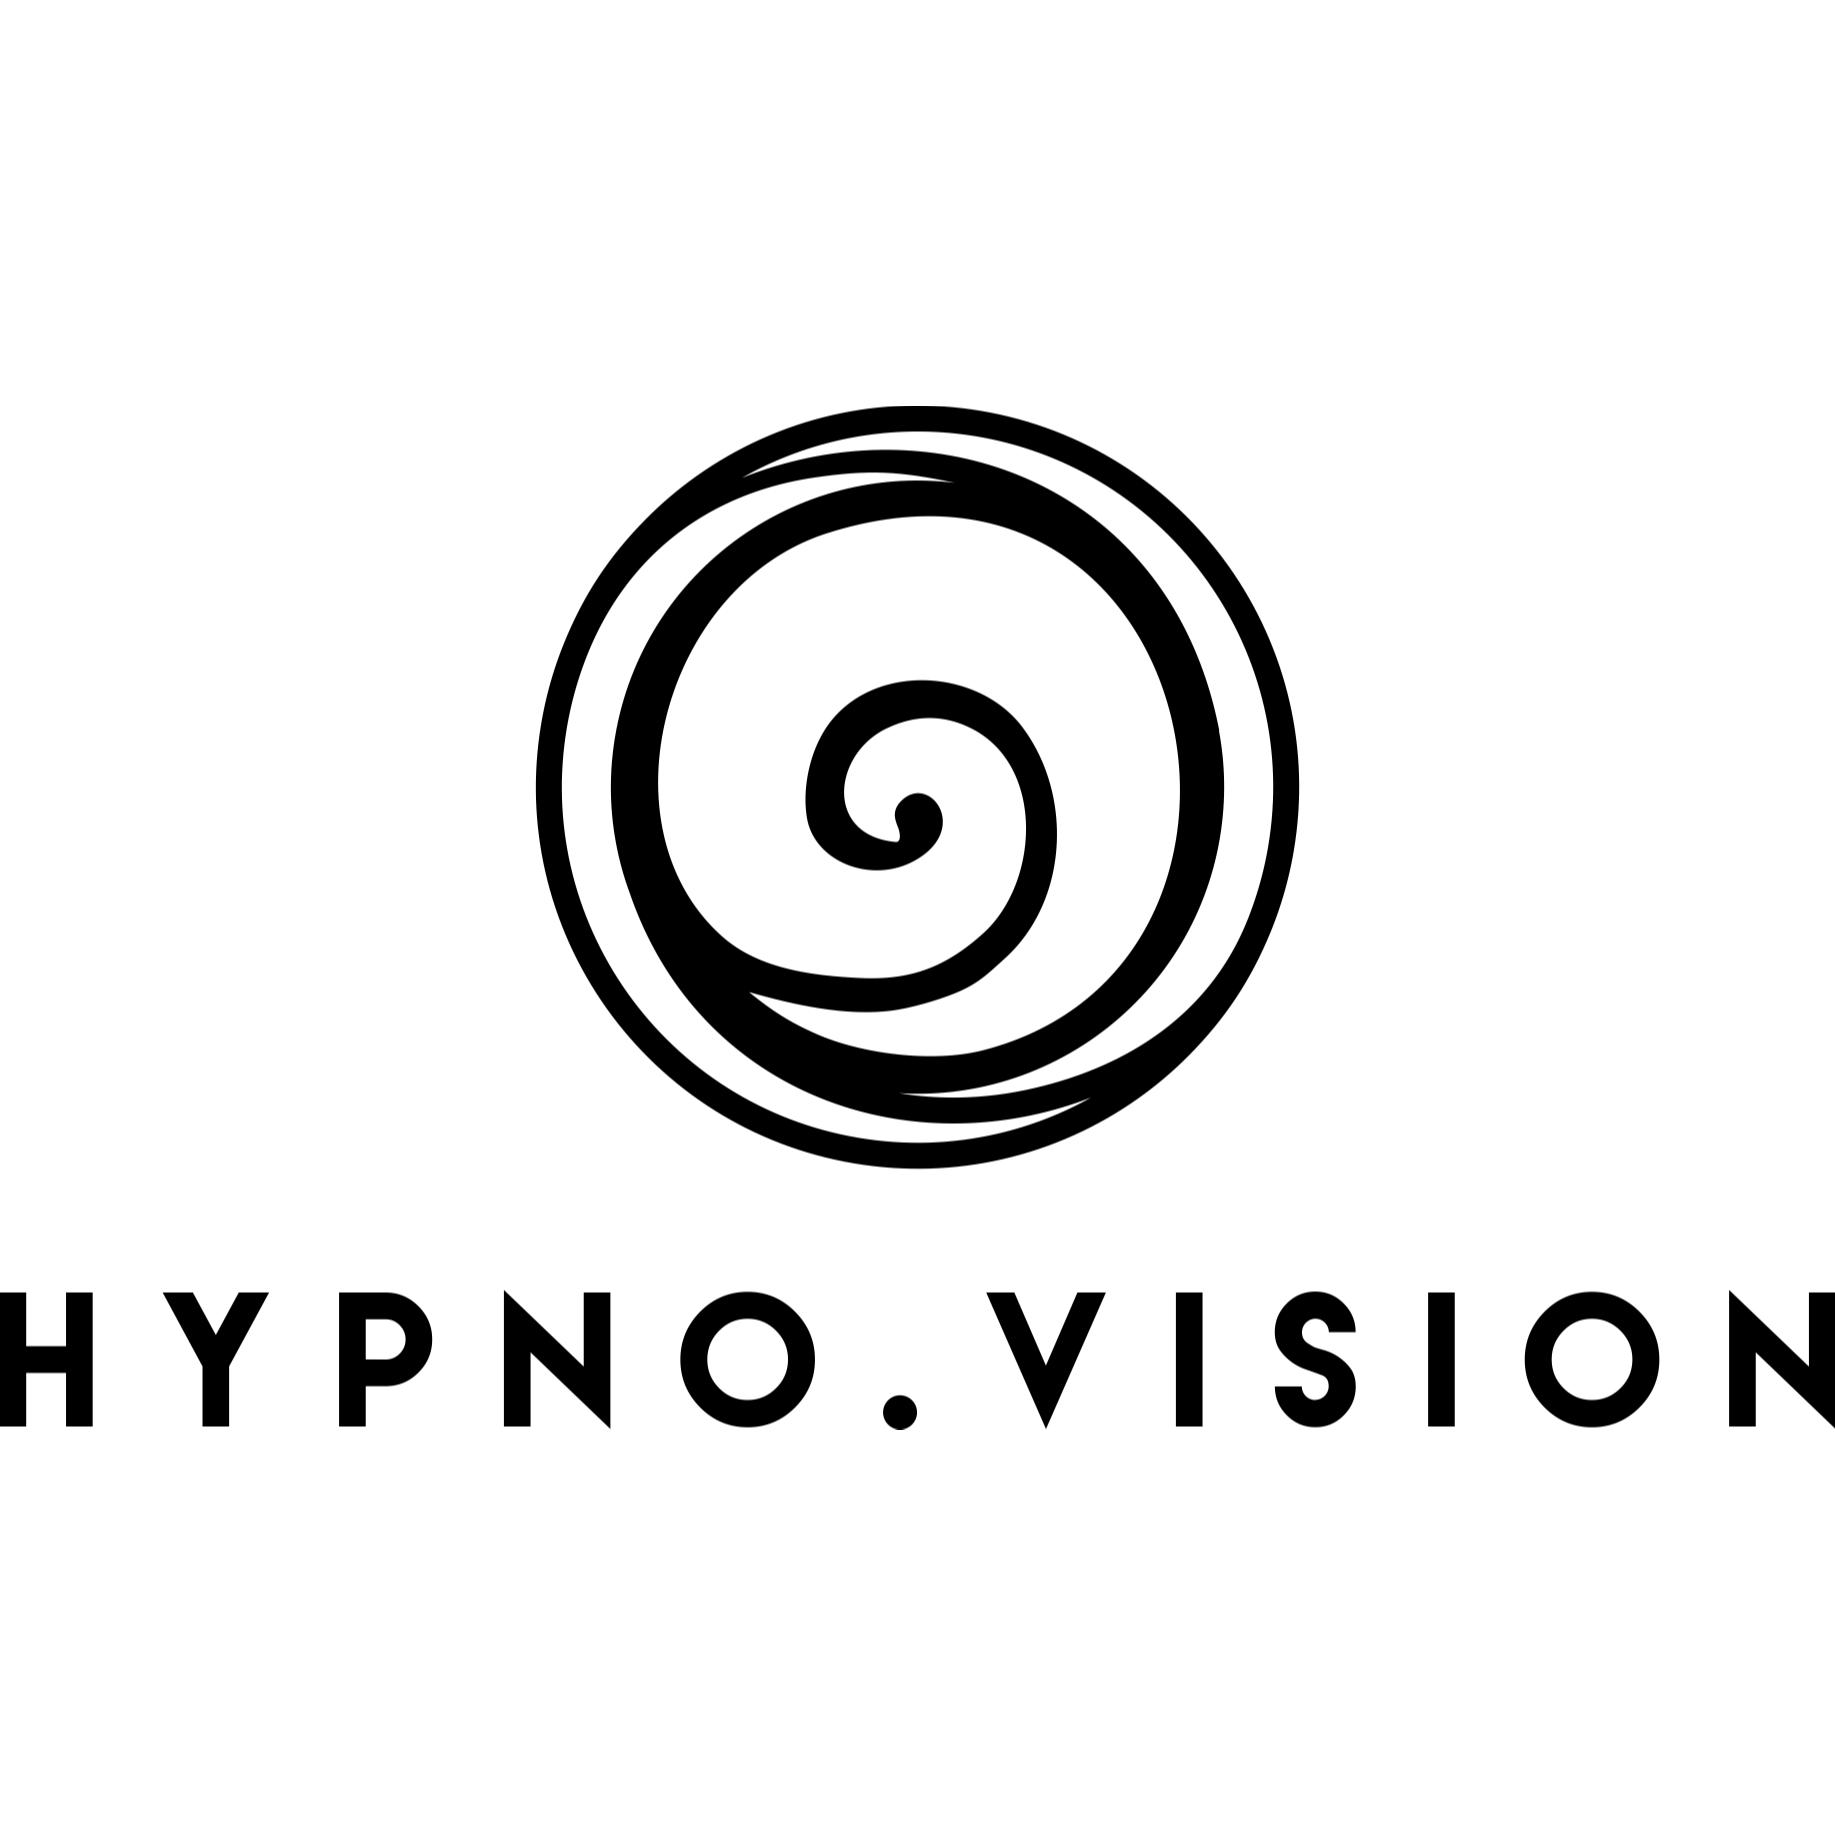 Bild zu HYPNO.VISION - Praxis für Hypnosetherapie & psychologische Beratung in Nürnberg